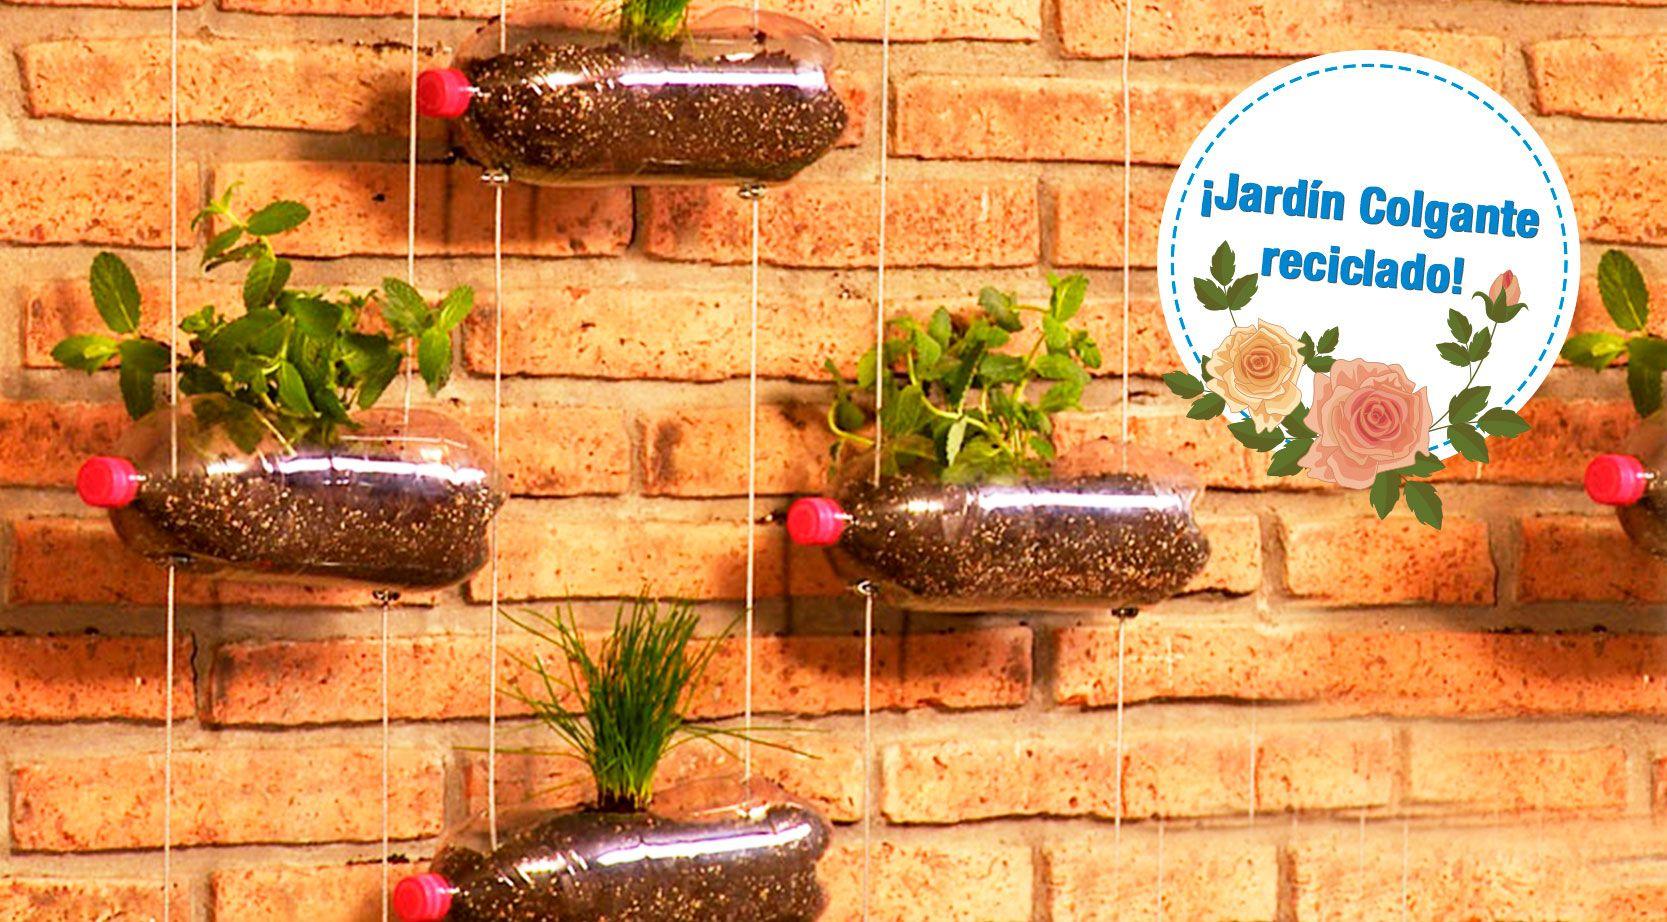 ¿Cómo hacer un jardín colgante reciclando botellas? - Plaza Norte